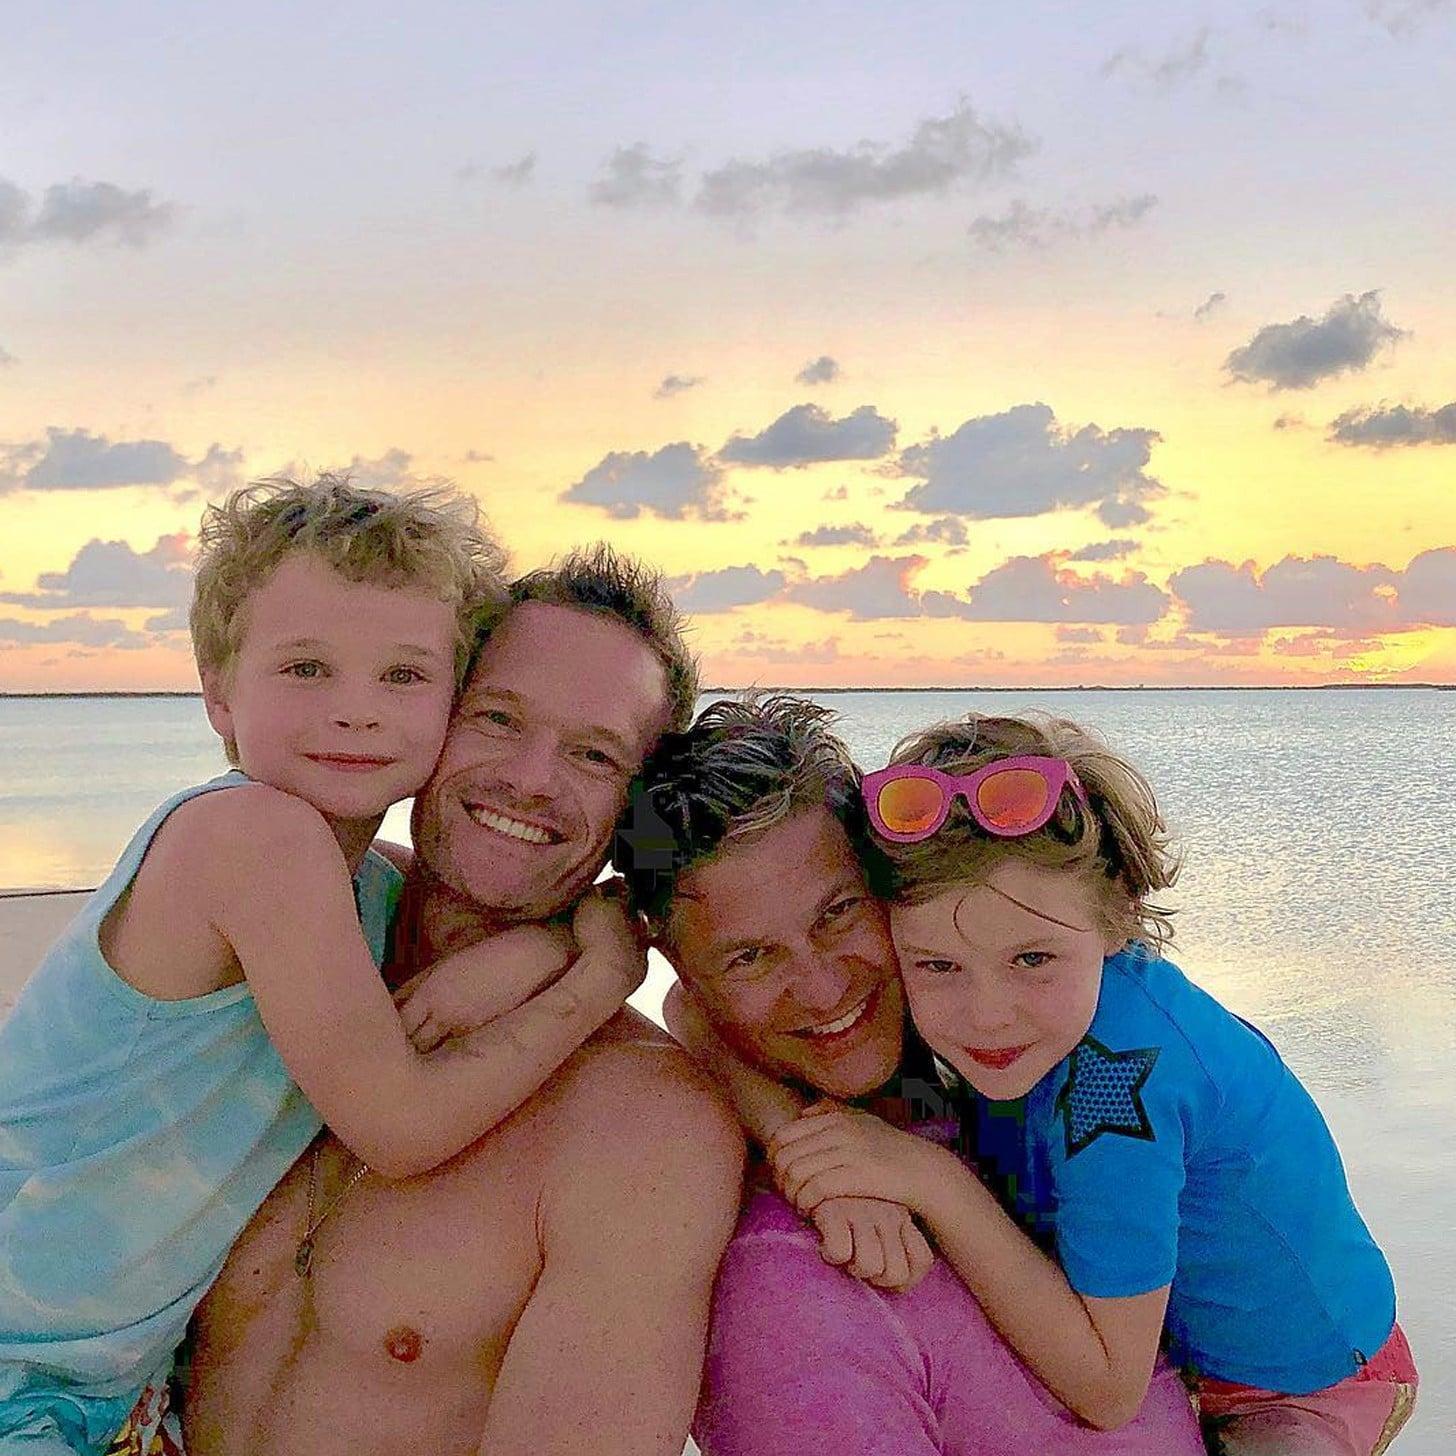 Ảnh gia đình dễ thương hạnh phúc